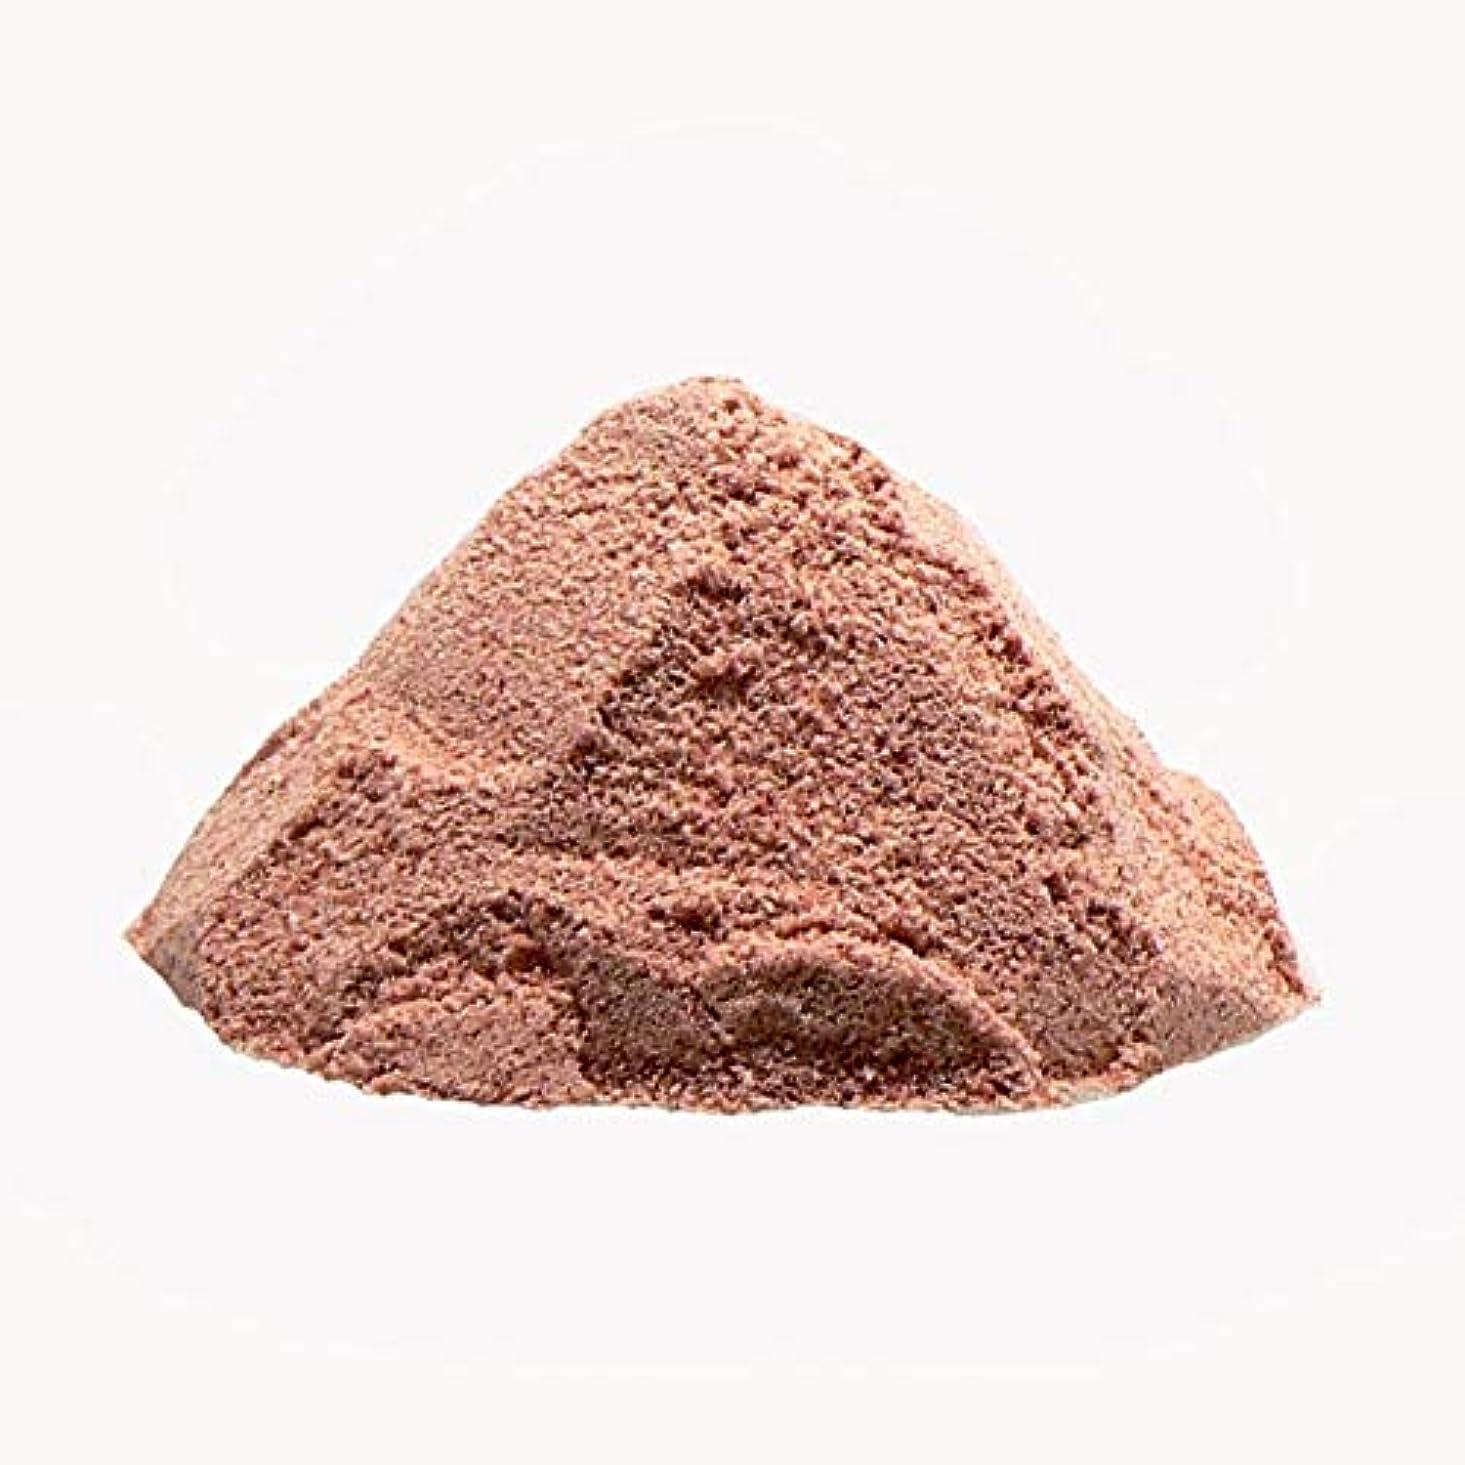 スラック炎上看板ヒマラヤ岩塩 プレミアム ルビーソルト バスソルト(パウダー)ネパール産 ルビー岩塩 (600g×2個セット)